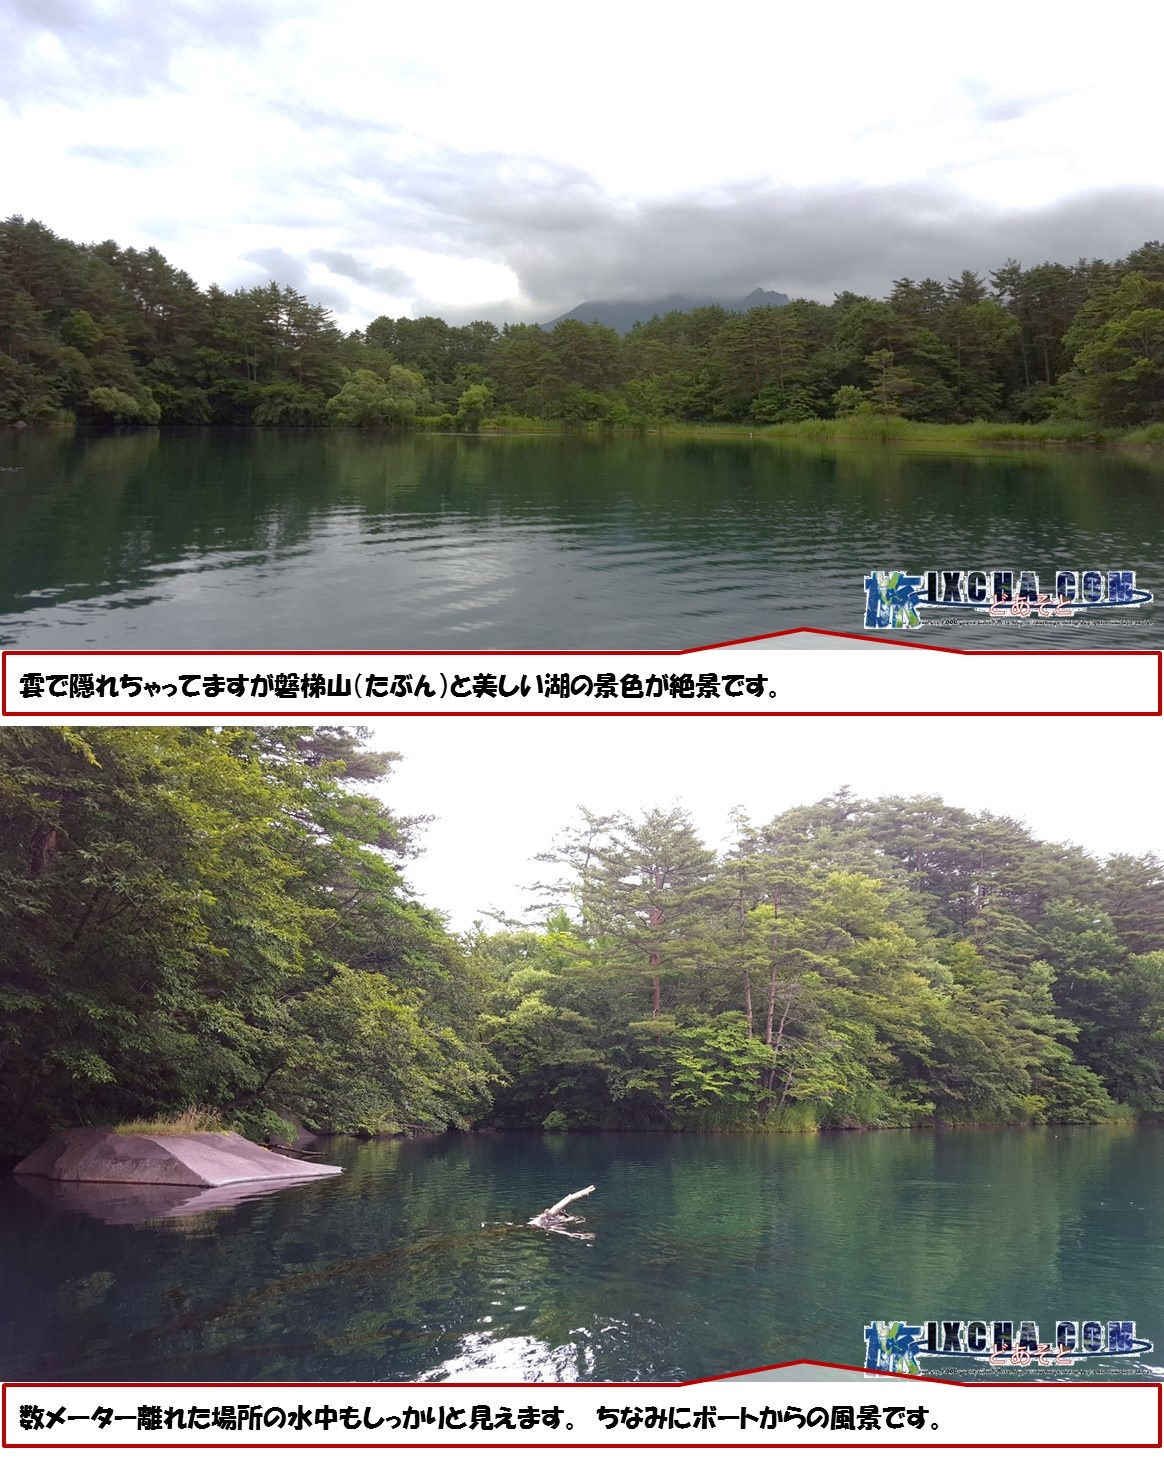 雲で隠れちゃってますが磐梯山(たぶん)と美しい湖の景色が絶景です。 数メーター離れた場所の水中もしっかりと見えます。 ちなみにボートからの風景です。